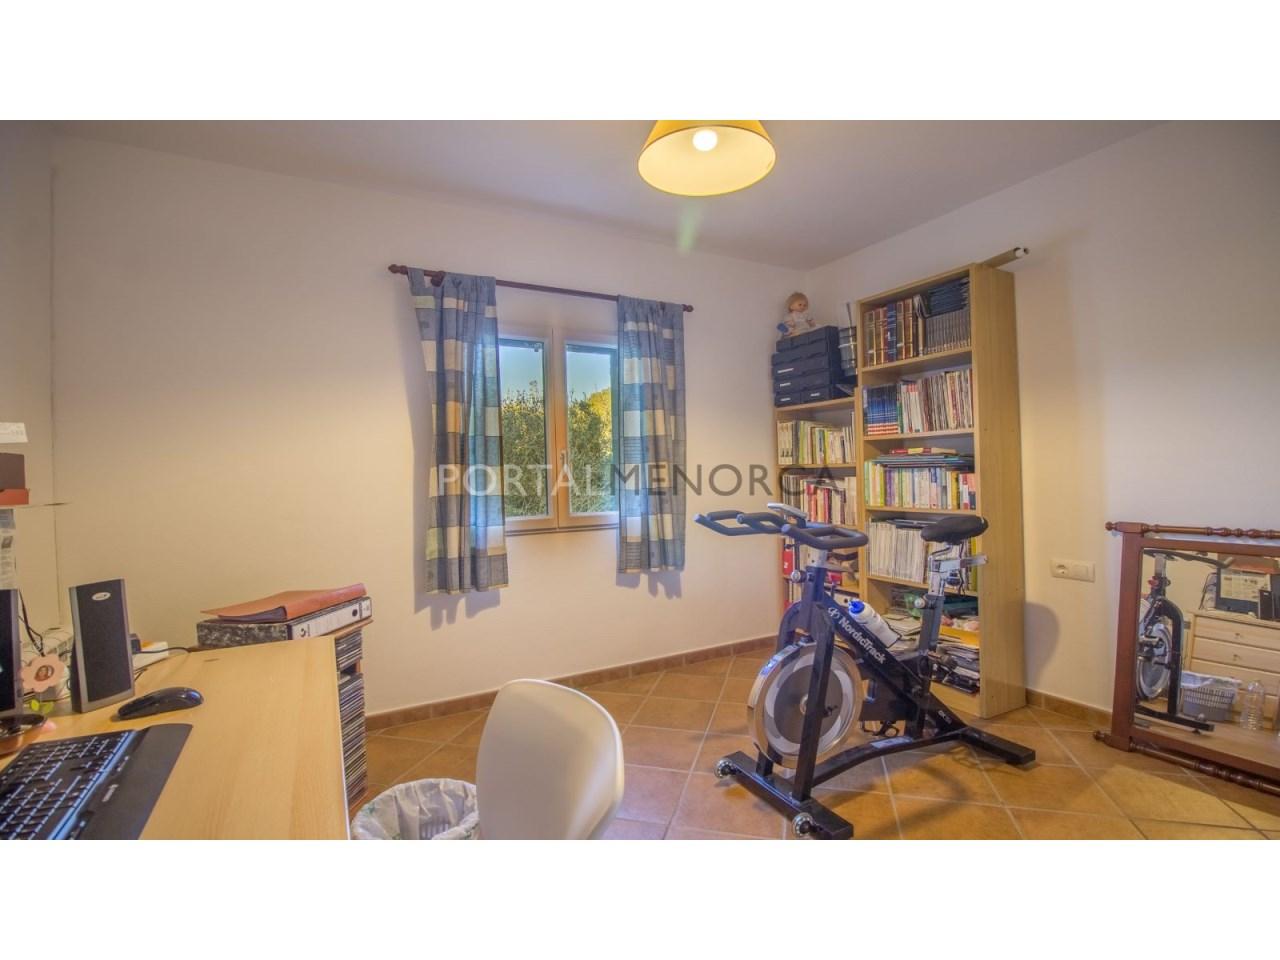 5 Dormitorio - Chalet en venta en Addaia